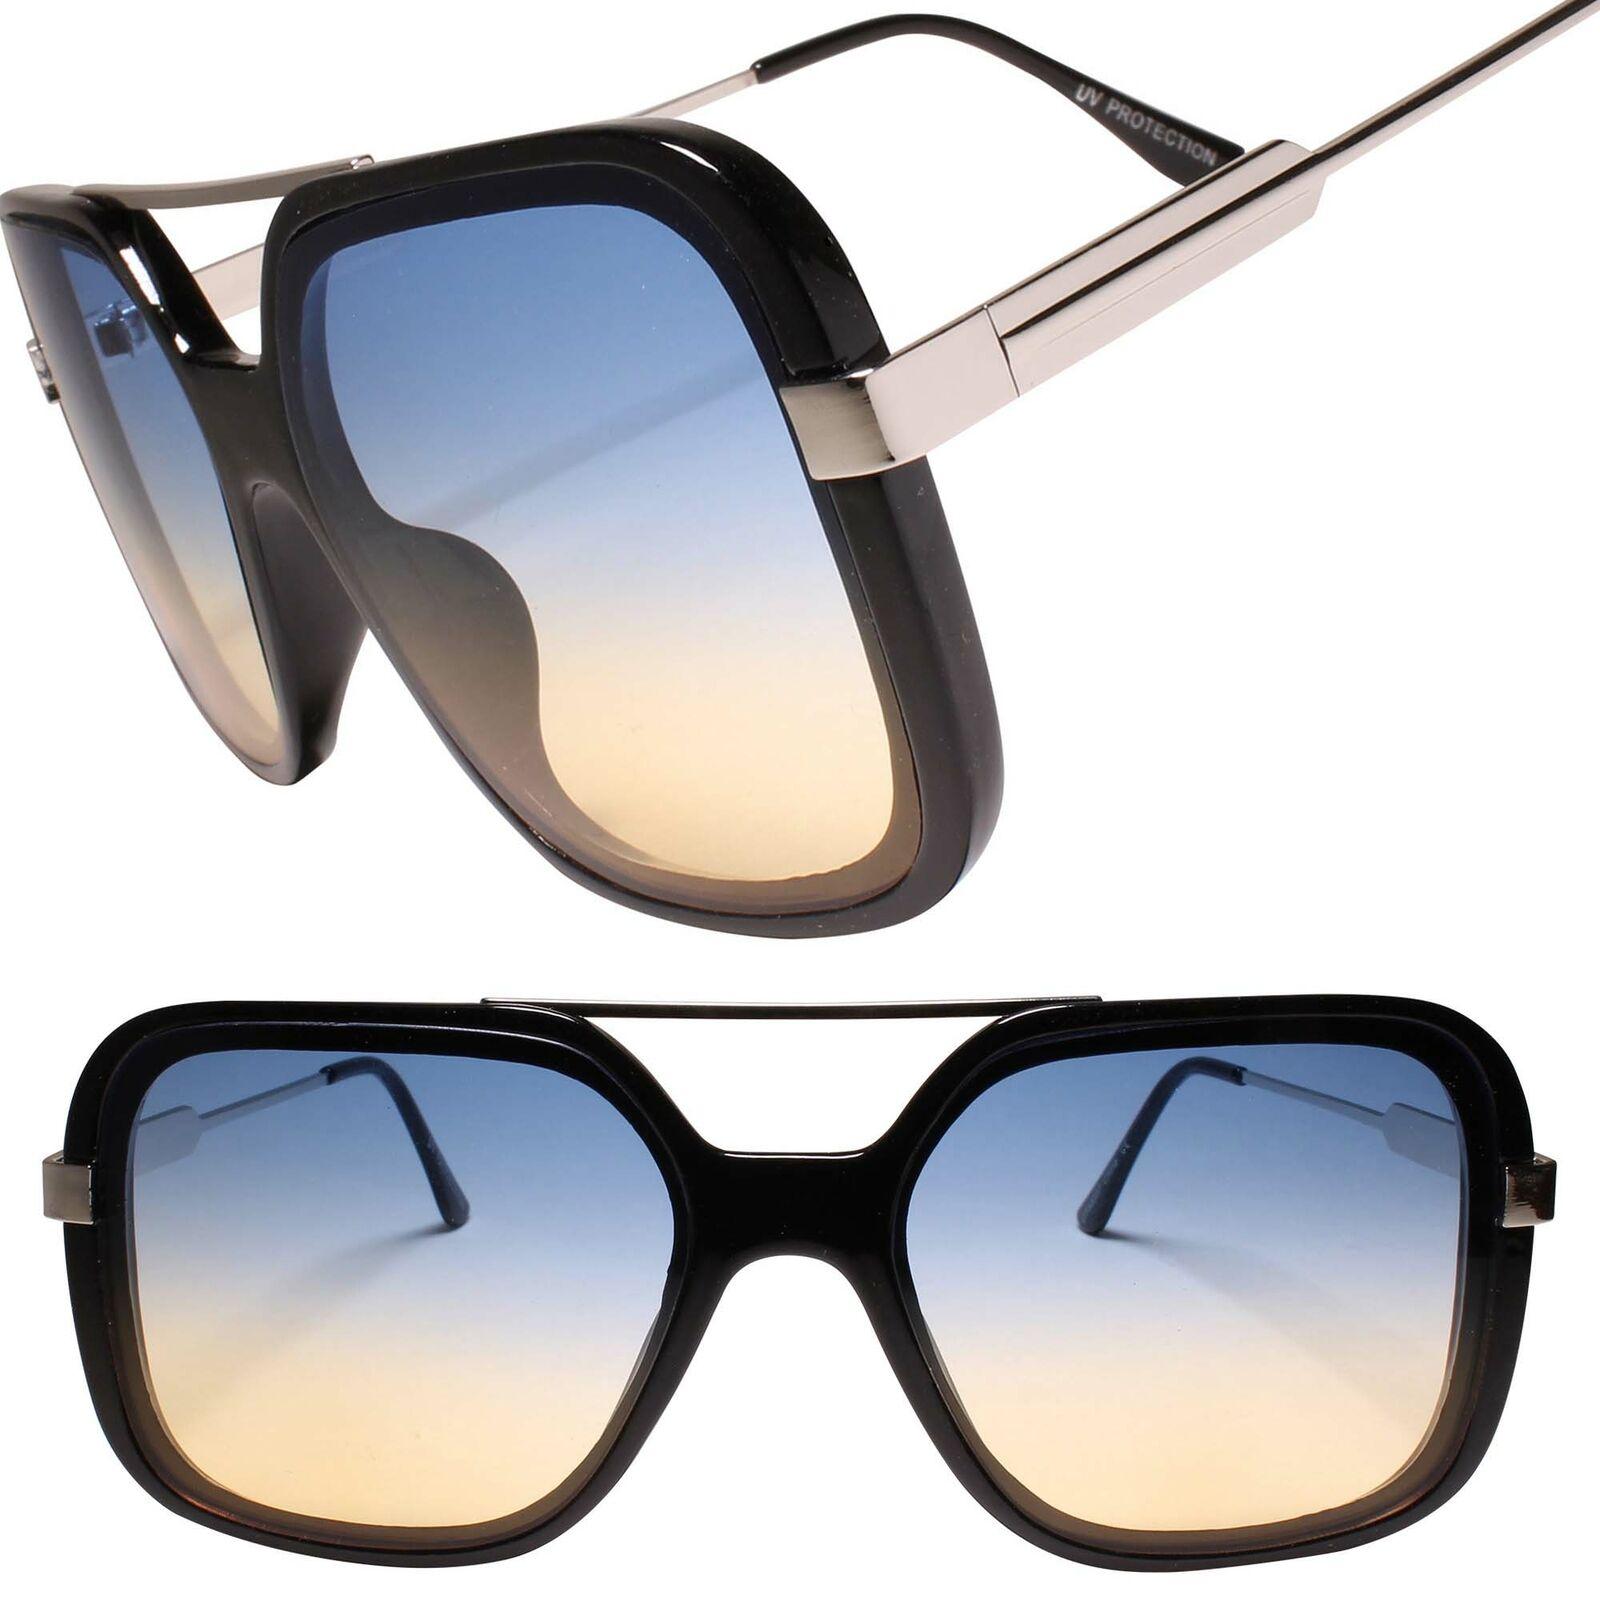 Designer Luxury Oversized XXL Gorgeous Stylish Square Black & Silver Sunglasses